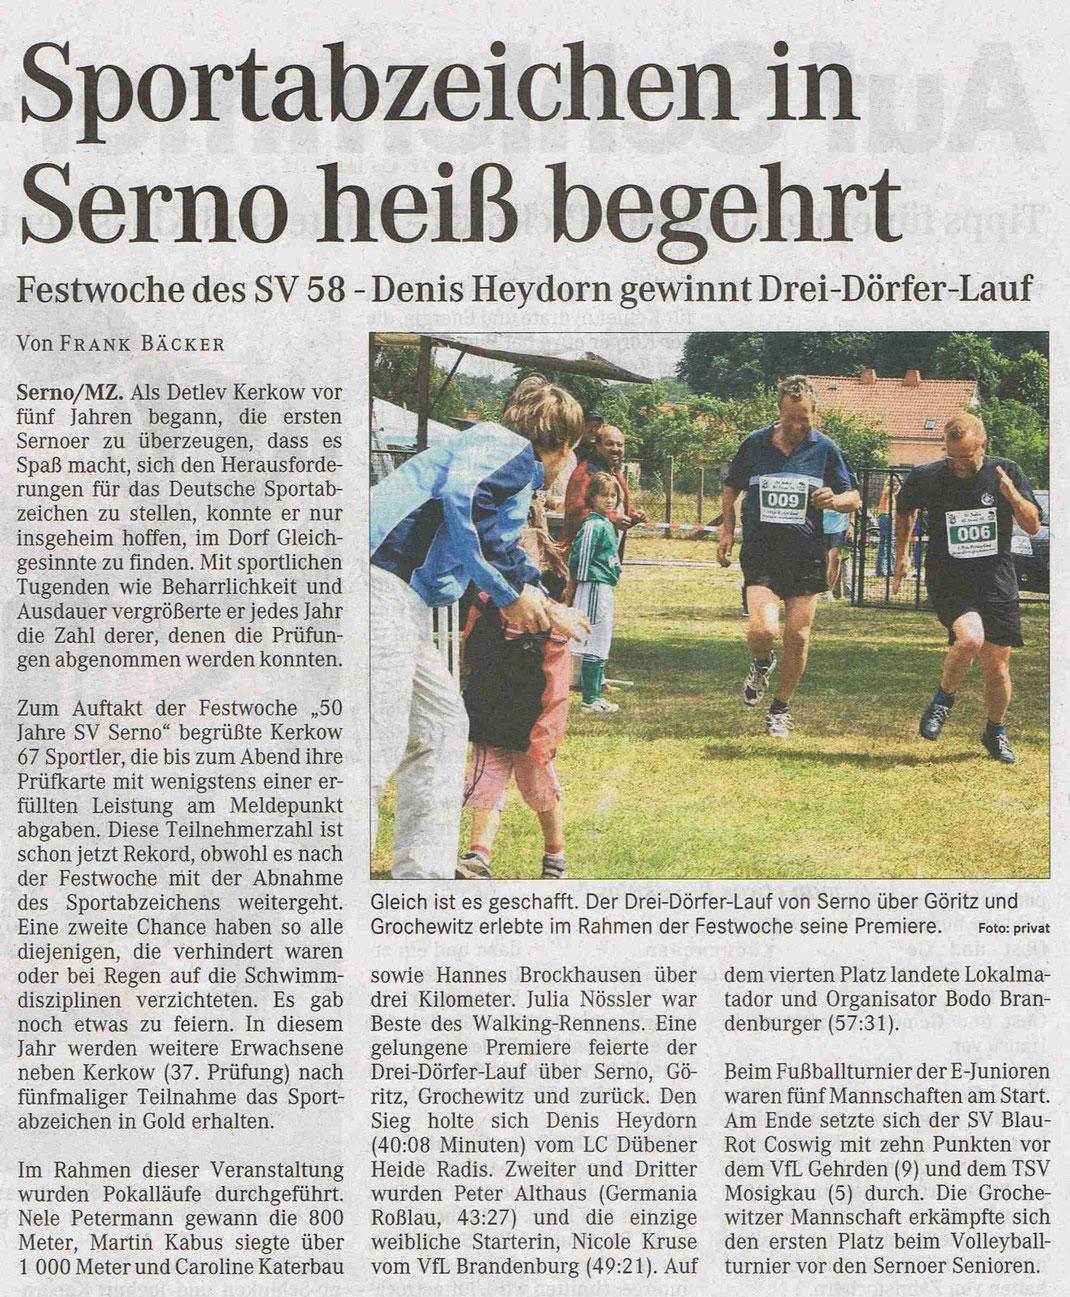 """MZ-Artikel """"Sportabzeichen in Serno heiß begehrt"""" vom 20.06.2008"""